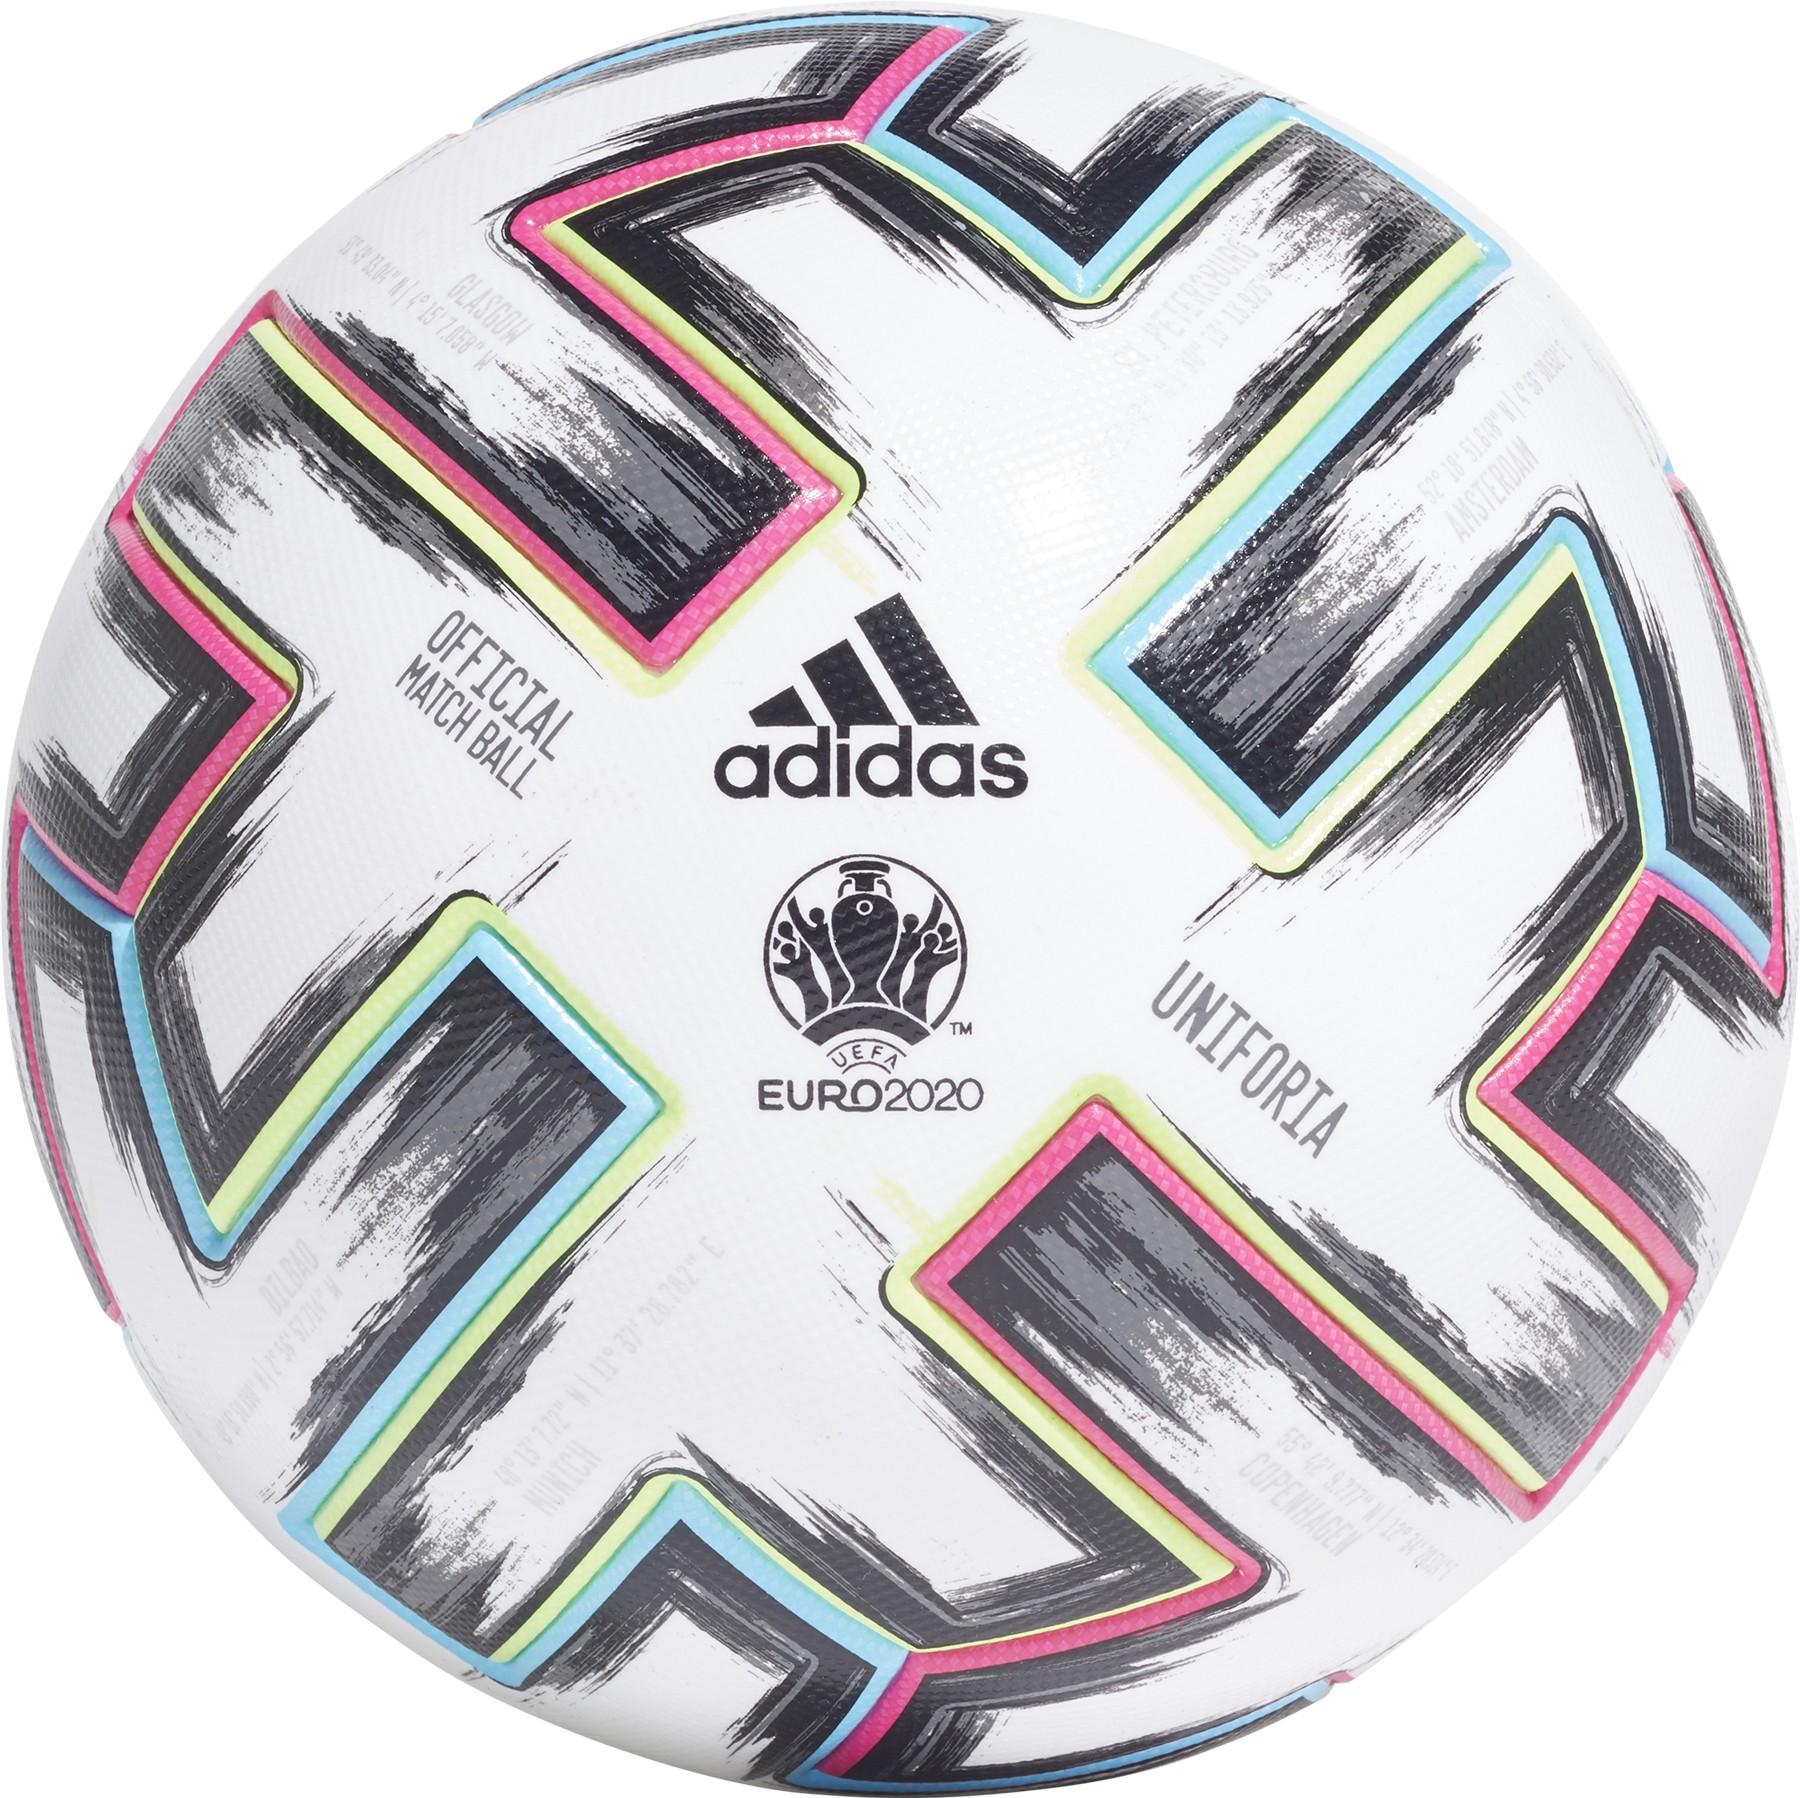 Adidas Официальный мяч ЕВРО-2020 Uniforia Pro